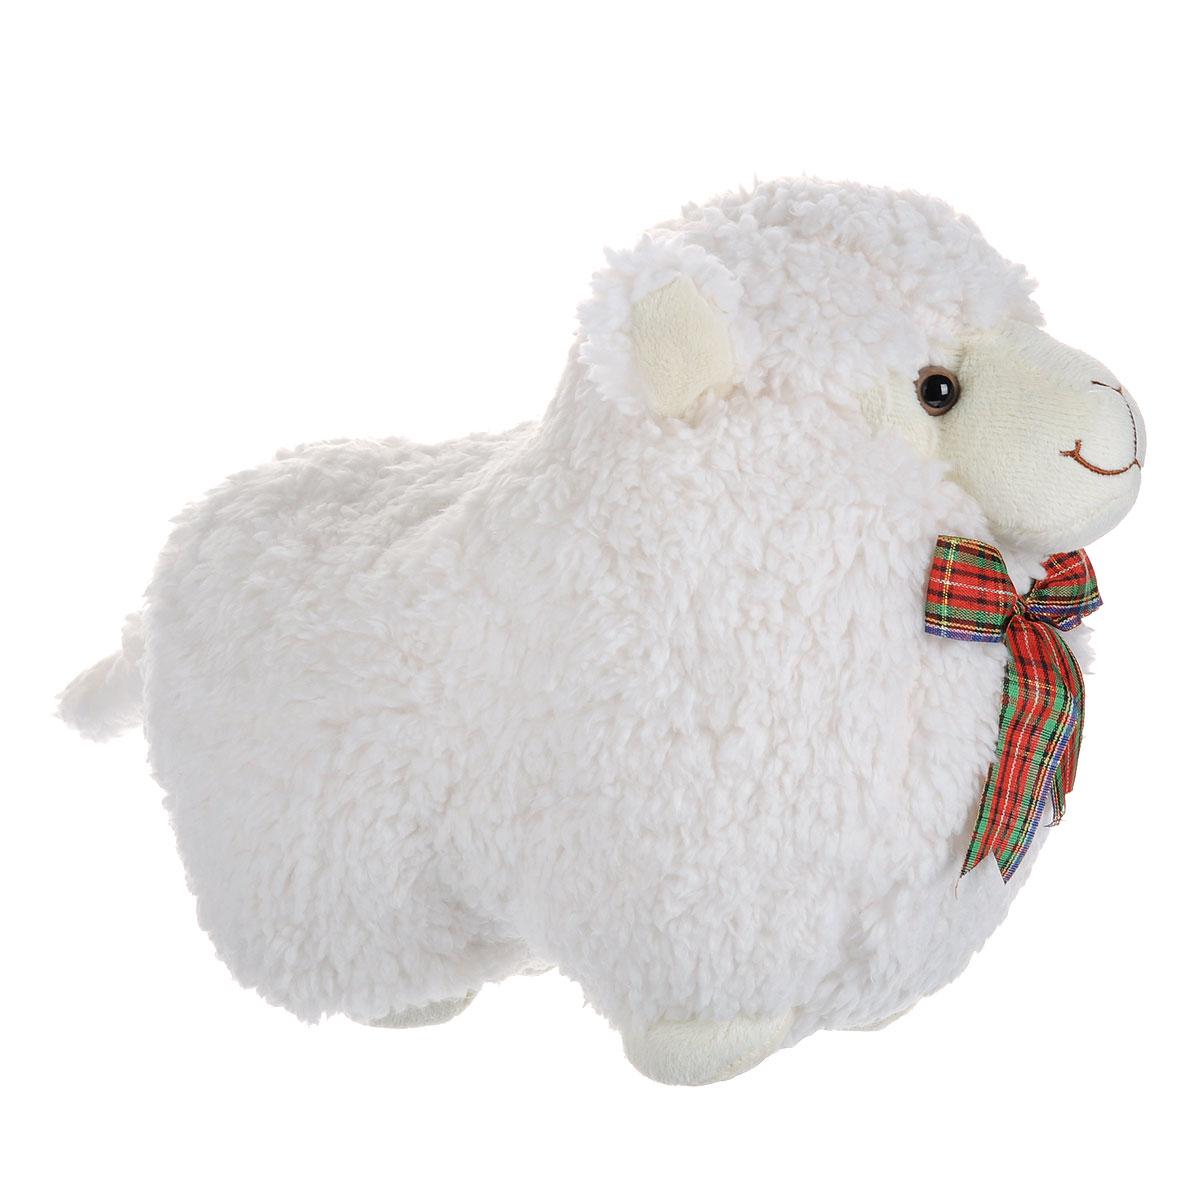 Мягкая игрушка Fancy Овечка Долли, 31 см ночники egmont ночник овечка долли 23 см